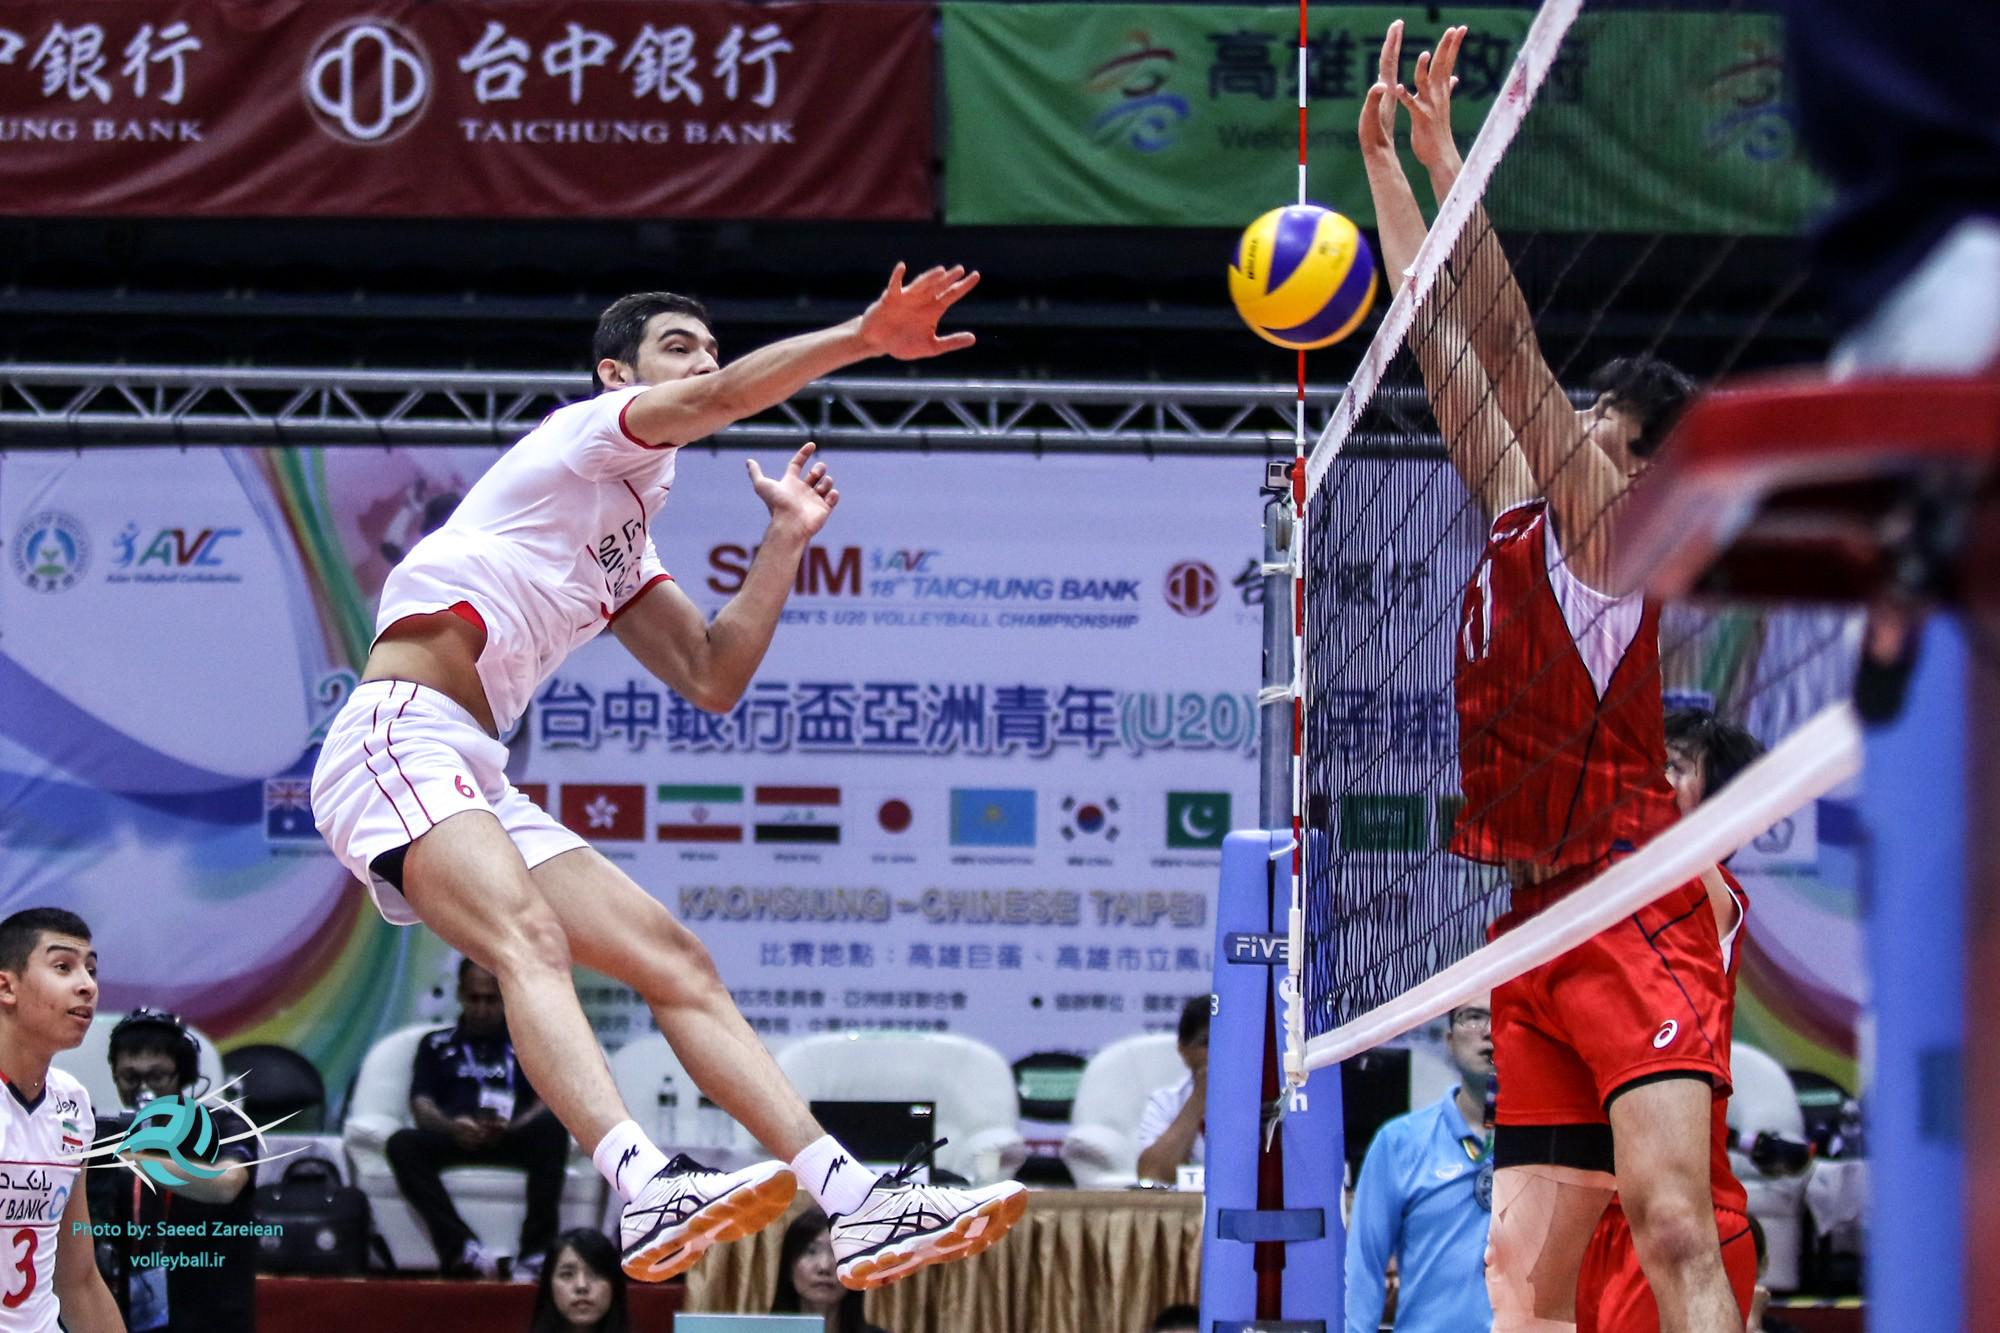 والیبال قهرمانی مردان آسیا-تیم ملی والیبال ایران